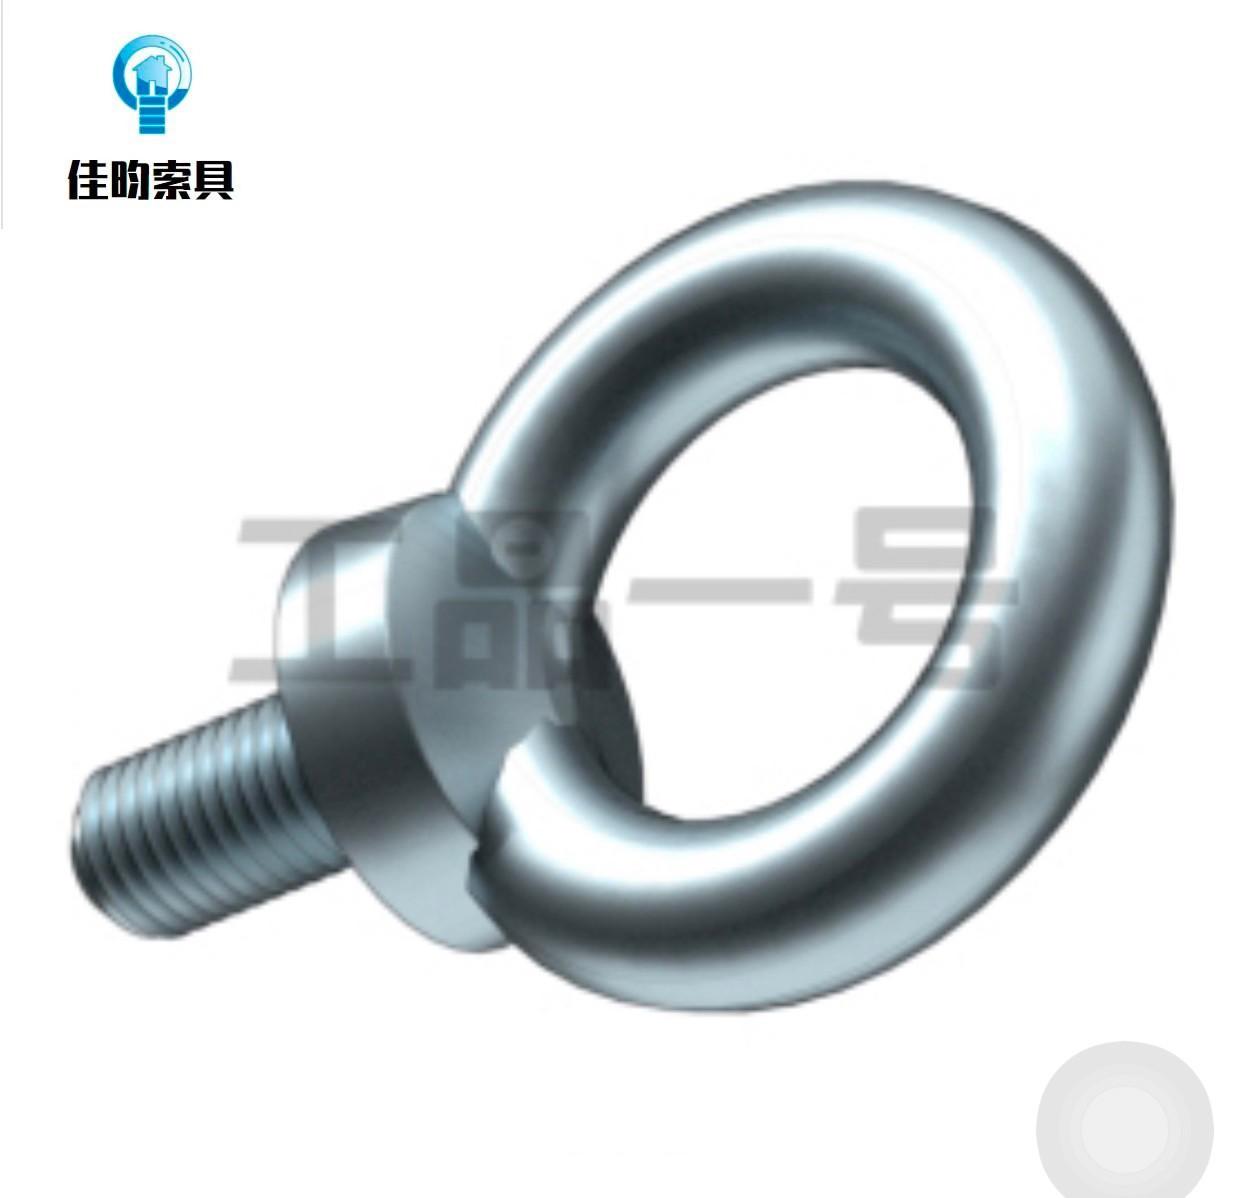 GB825A Q235吊环螺钉